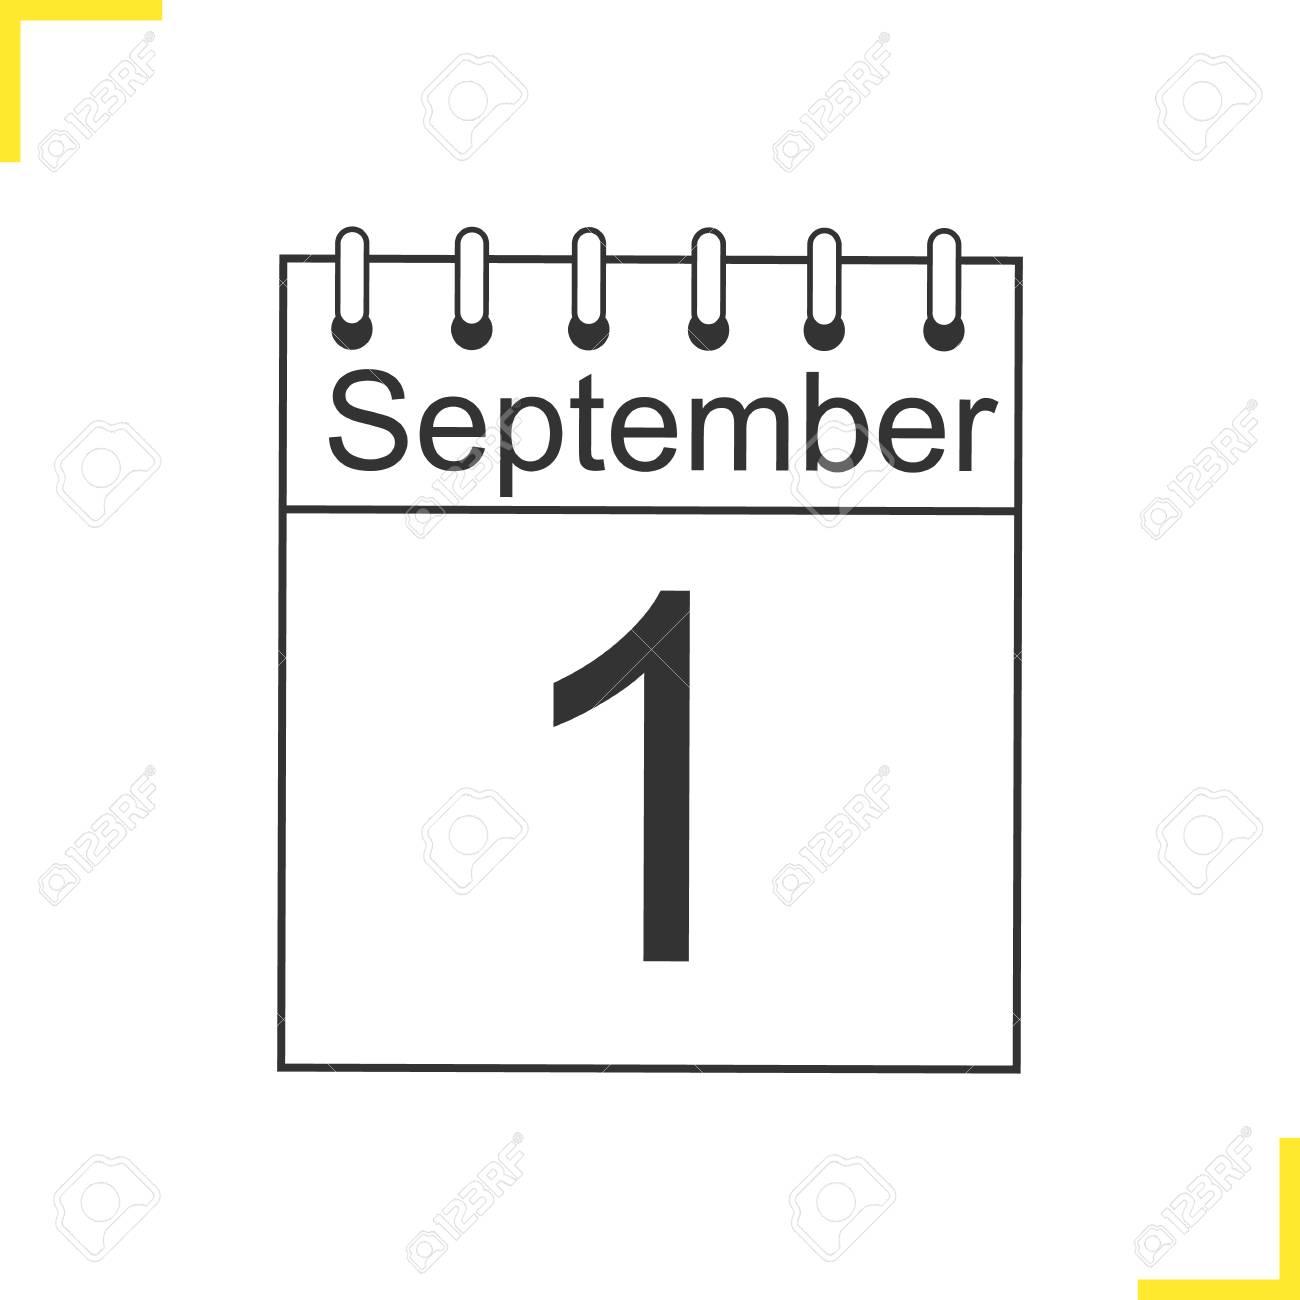 Calendario Dibujo Septiembre.1 De Septiembre Icono Lineal Ilustracion De Linea Delgada De Calendario Dia Del Conocimiento Simbolo De Contorno Dibujo De Contorno Aislado Del